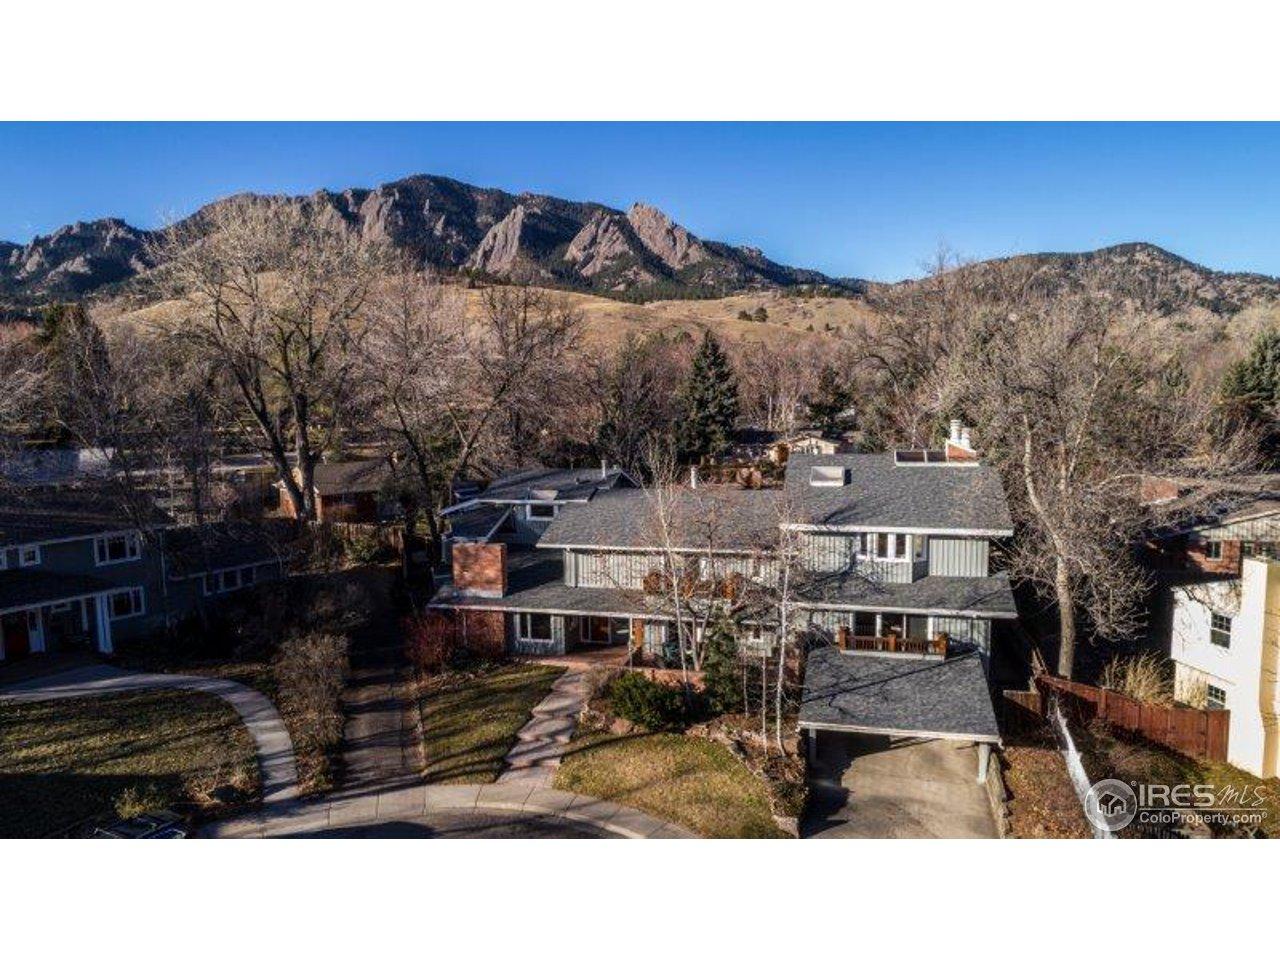 245 Fair Pl, Boulder CO 80302